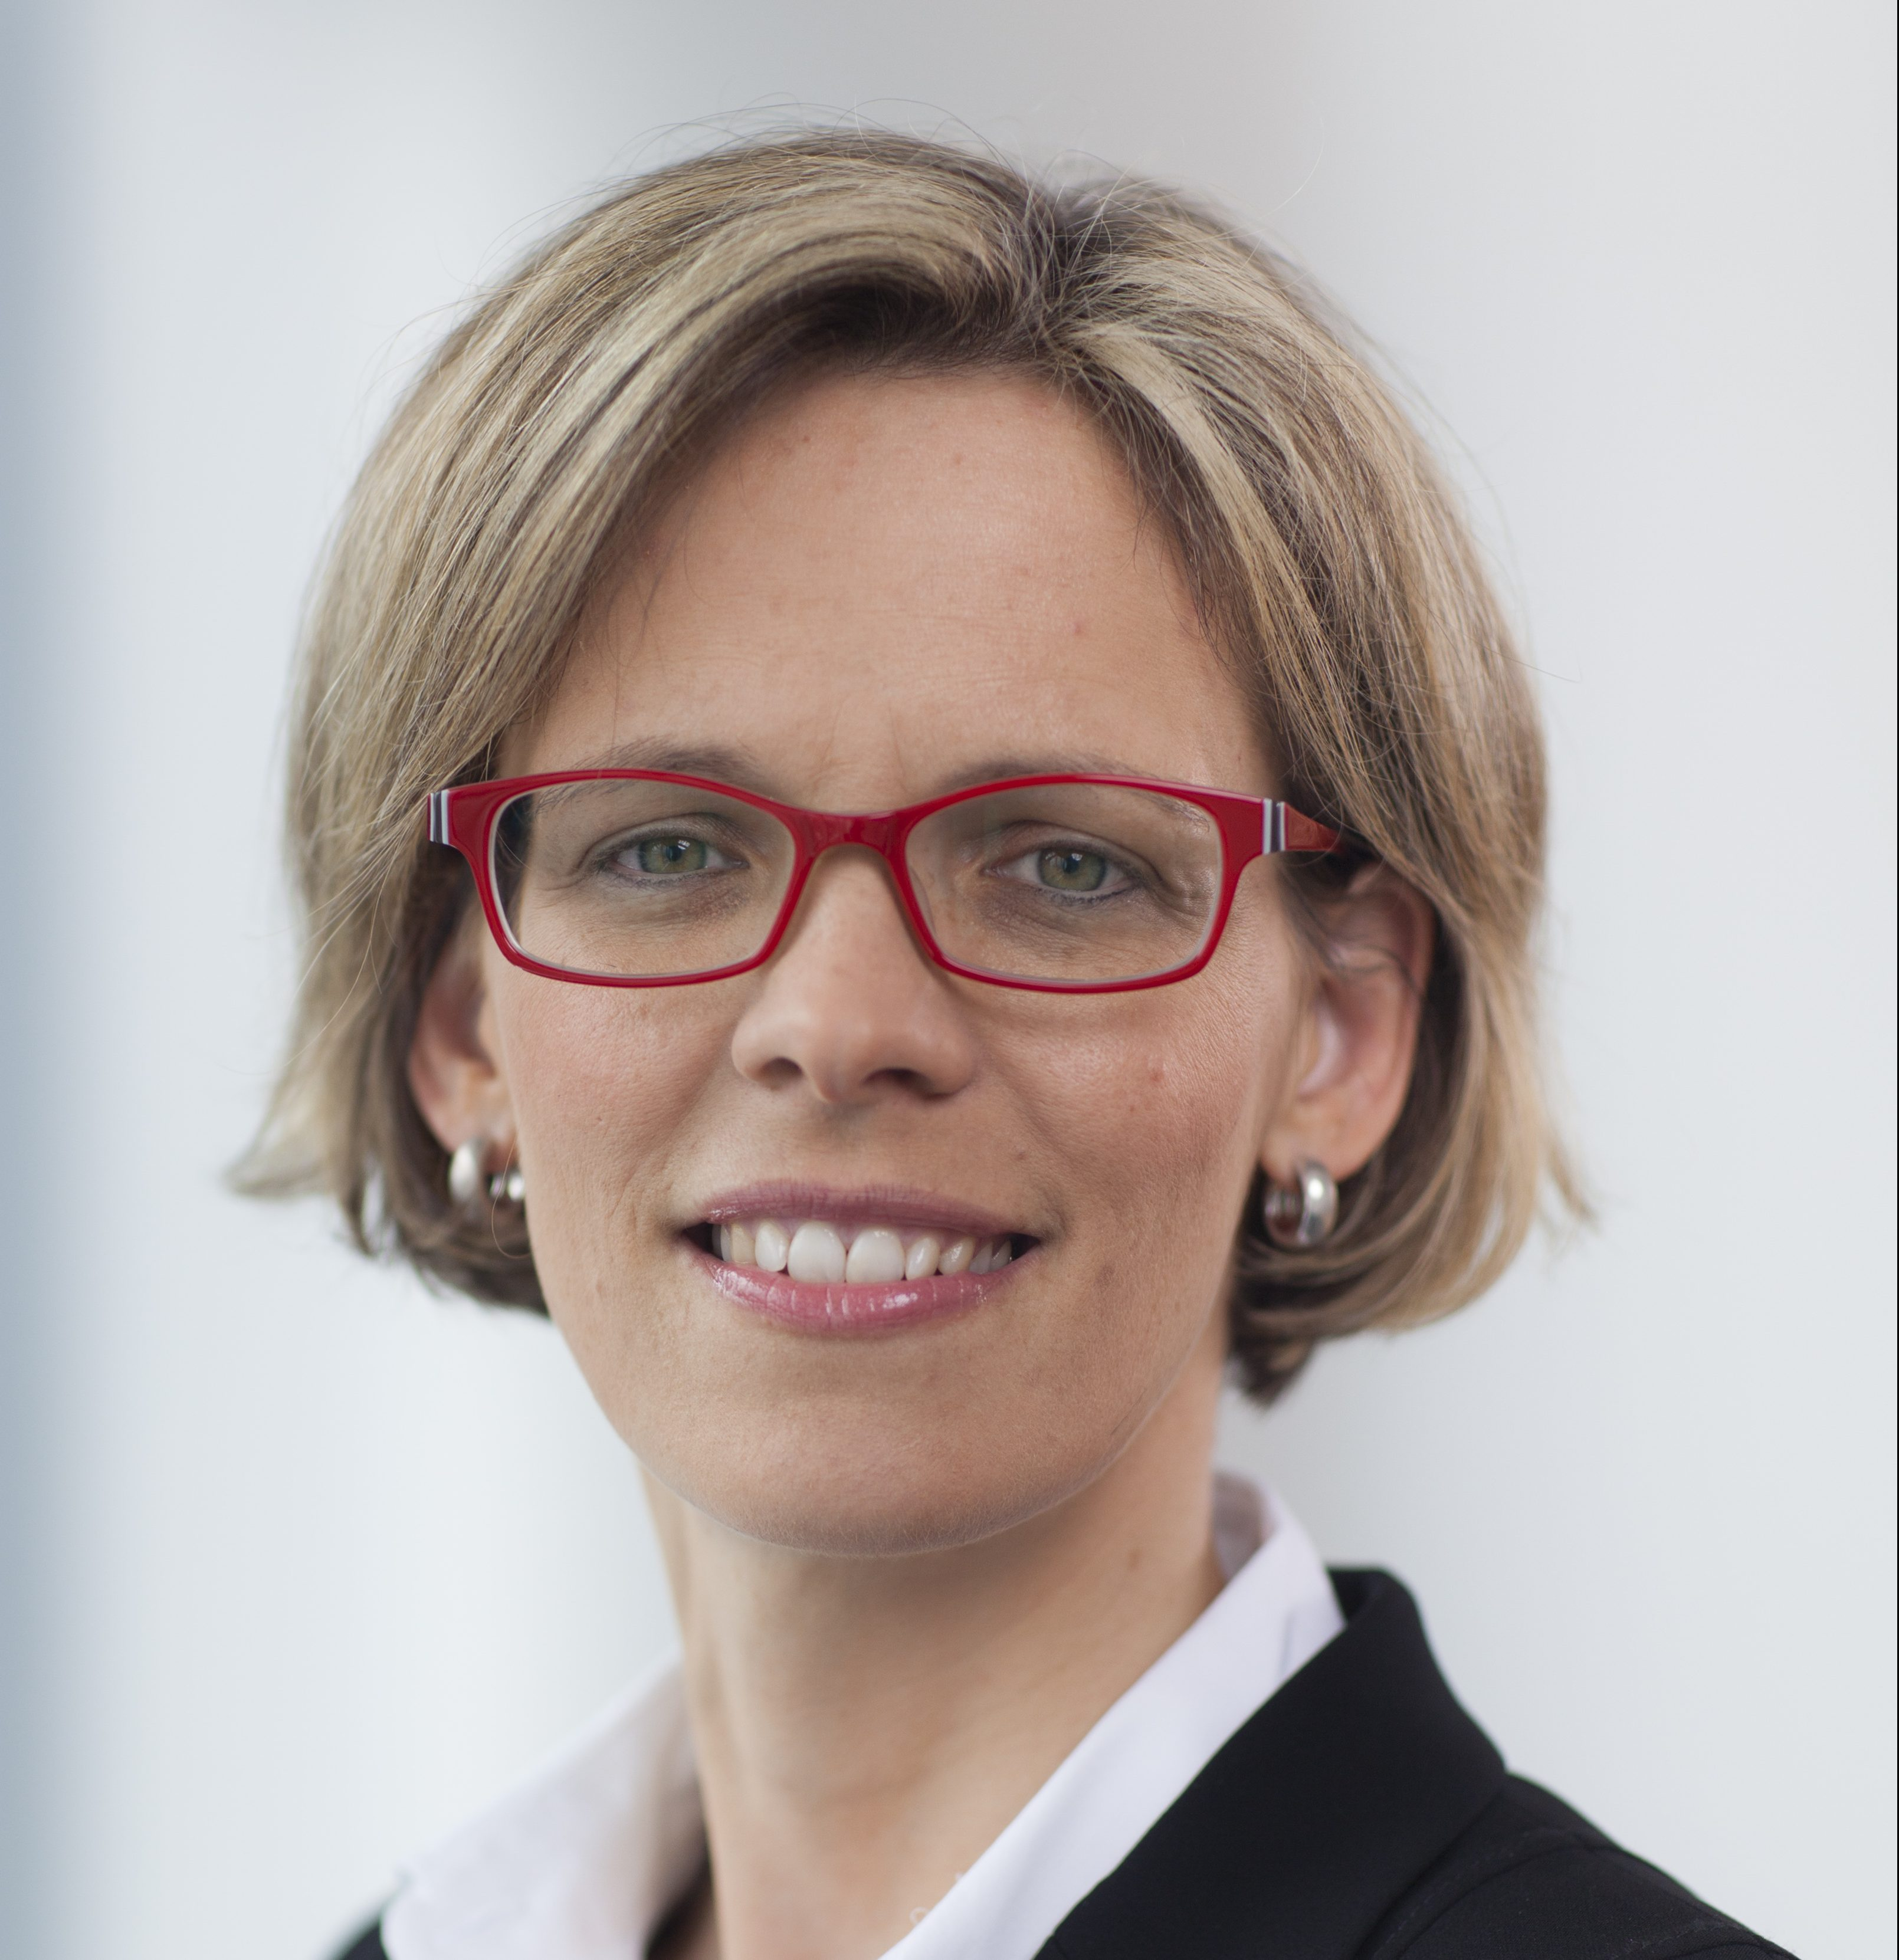 Sabrina Miehs